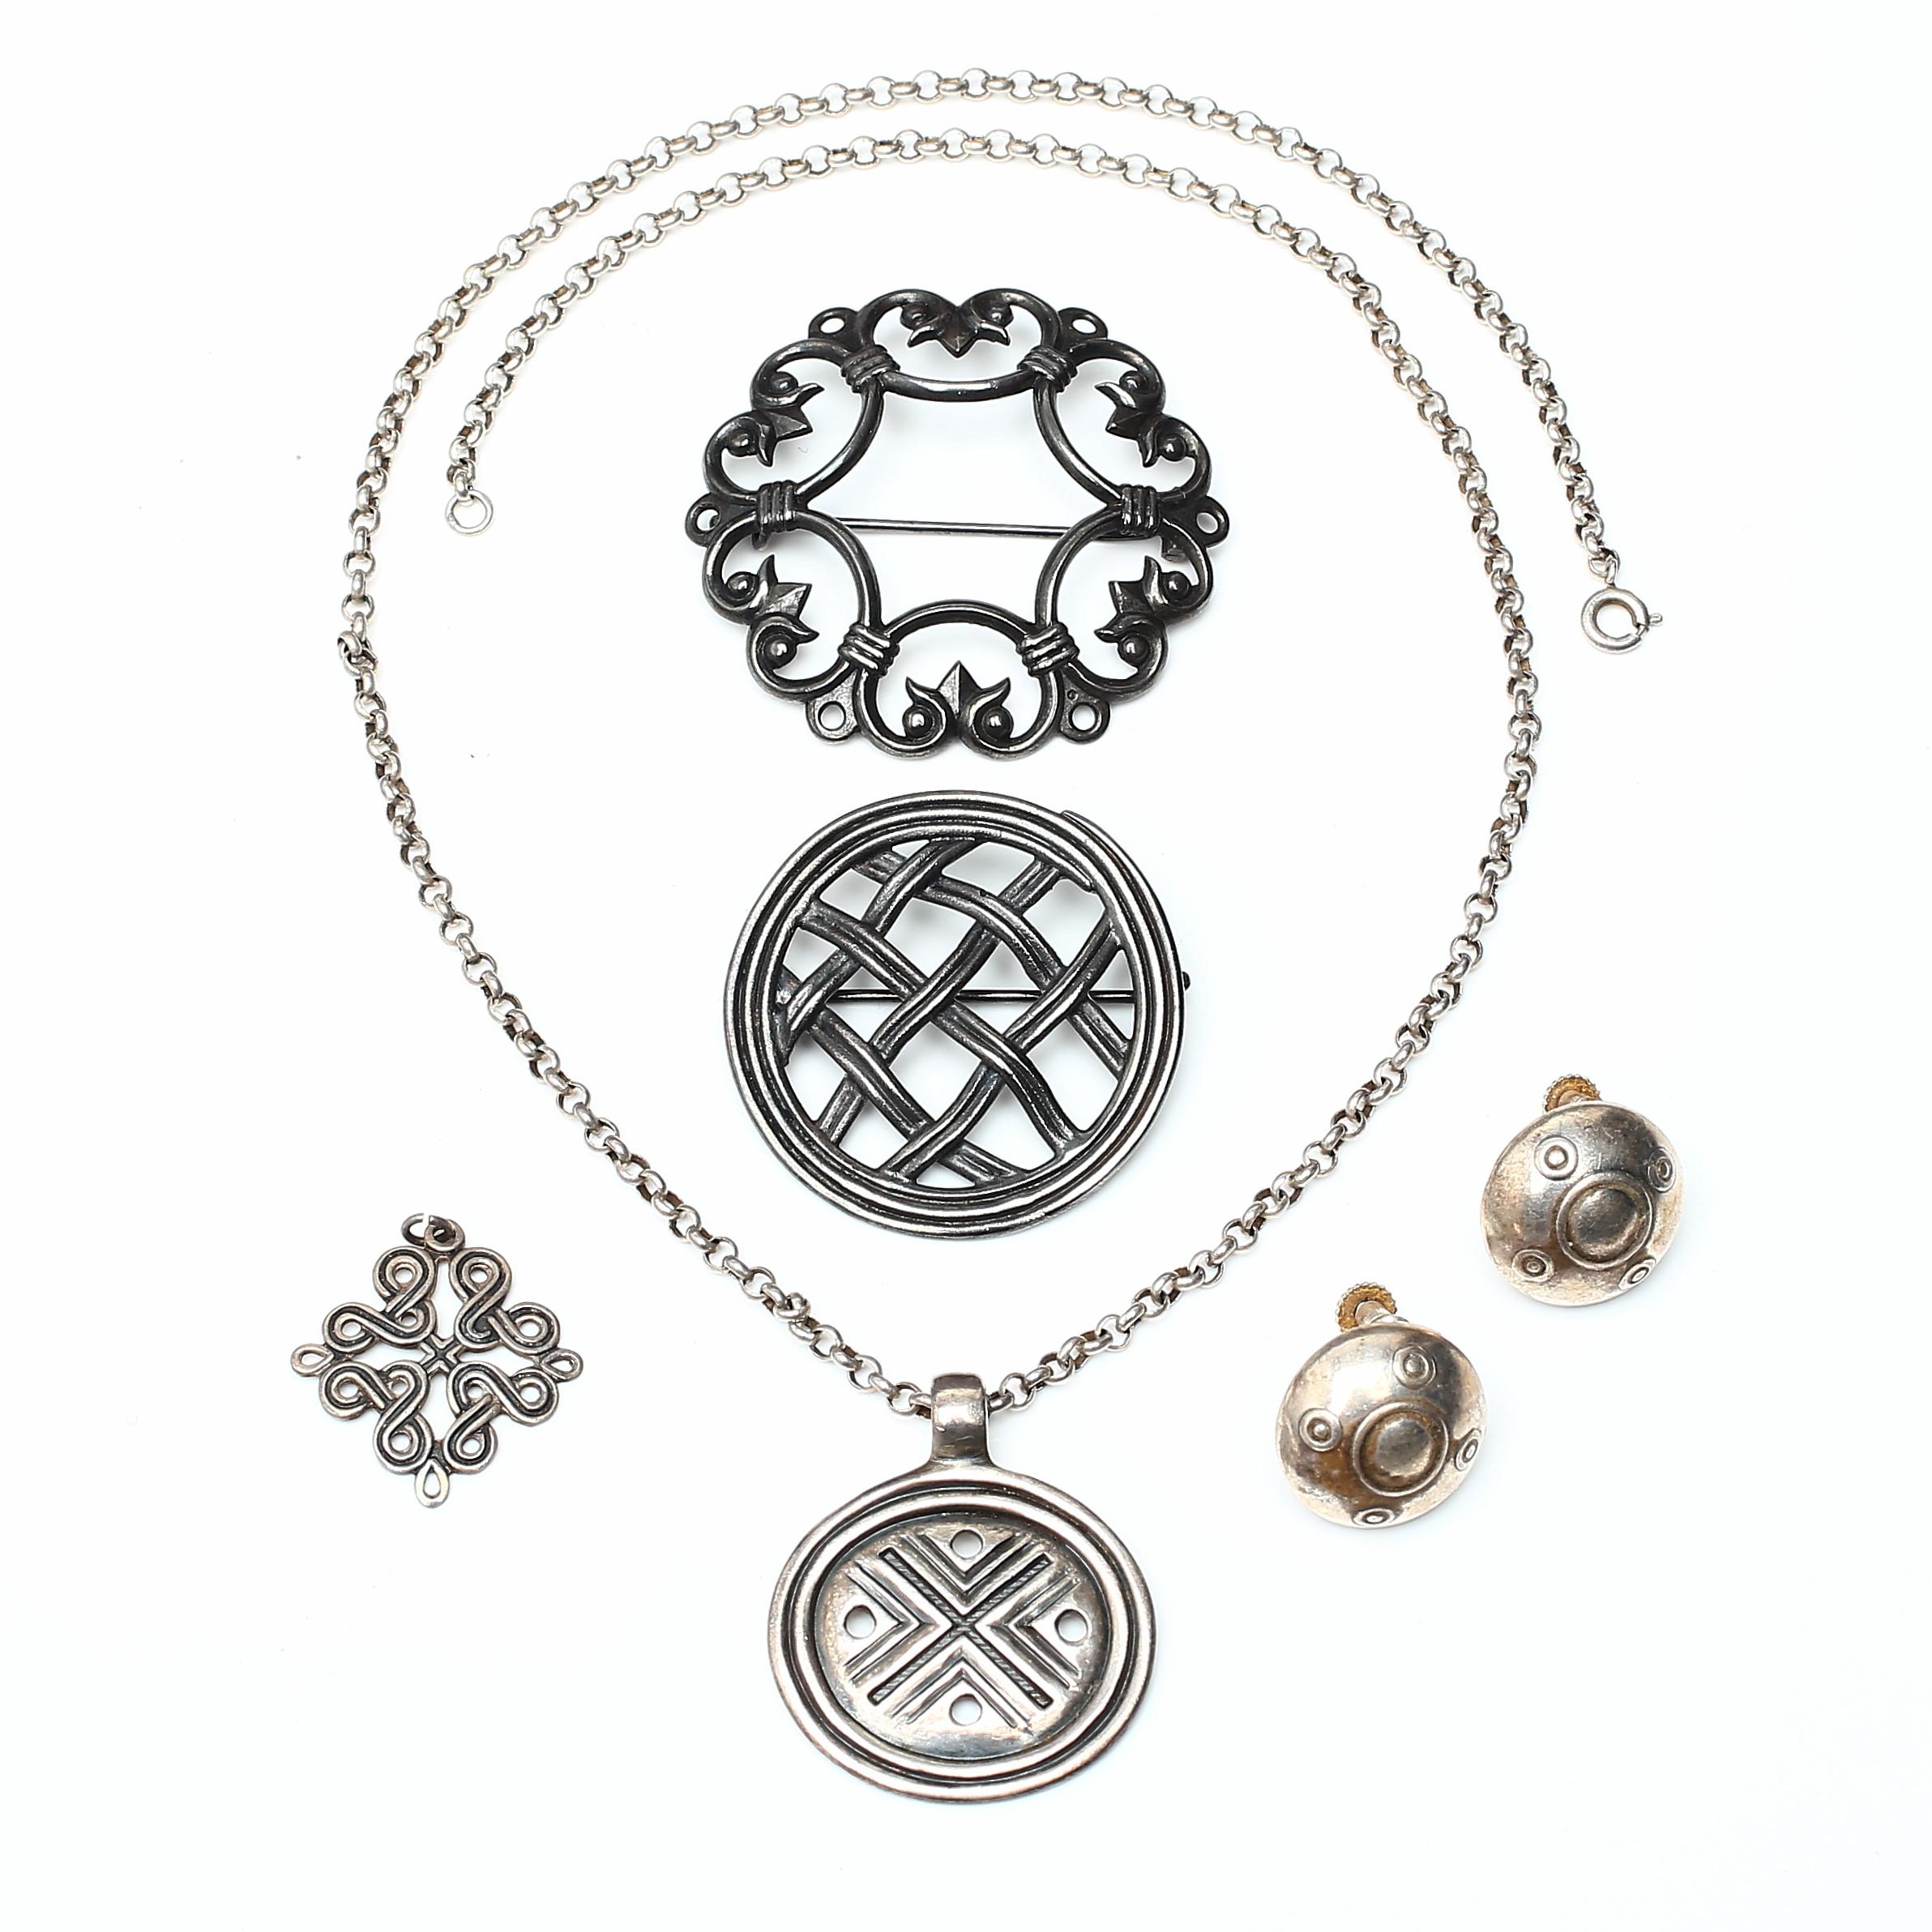 KALEVALA KORU, smycken, 5 delar, silver, Finland, 1900-tal